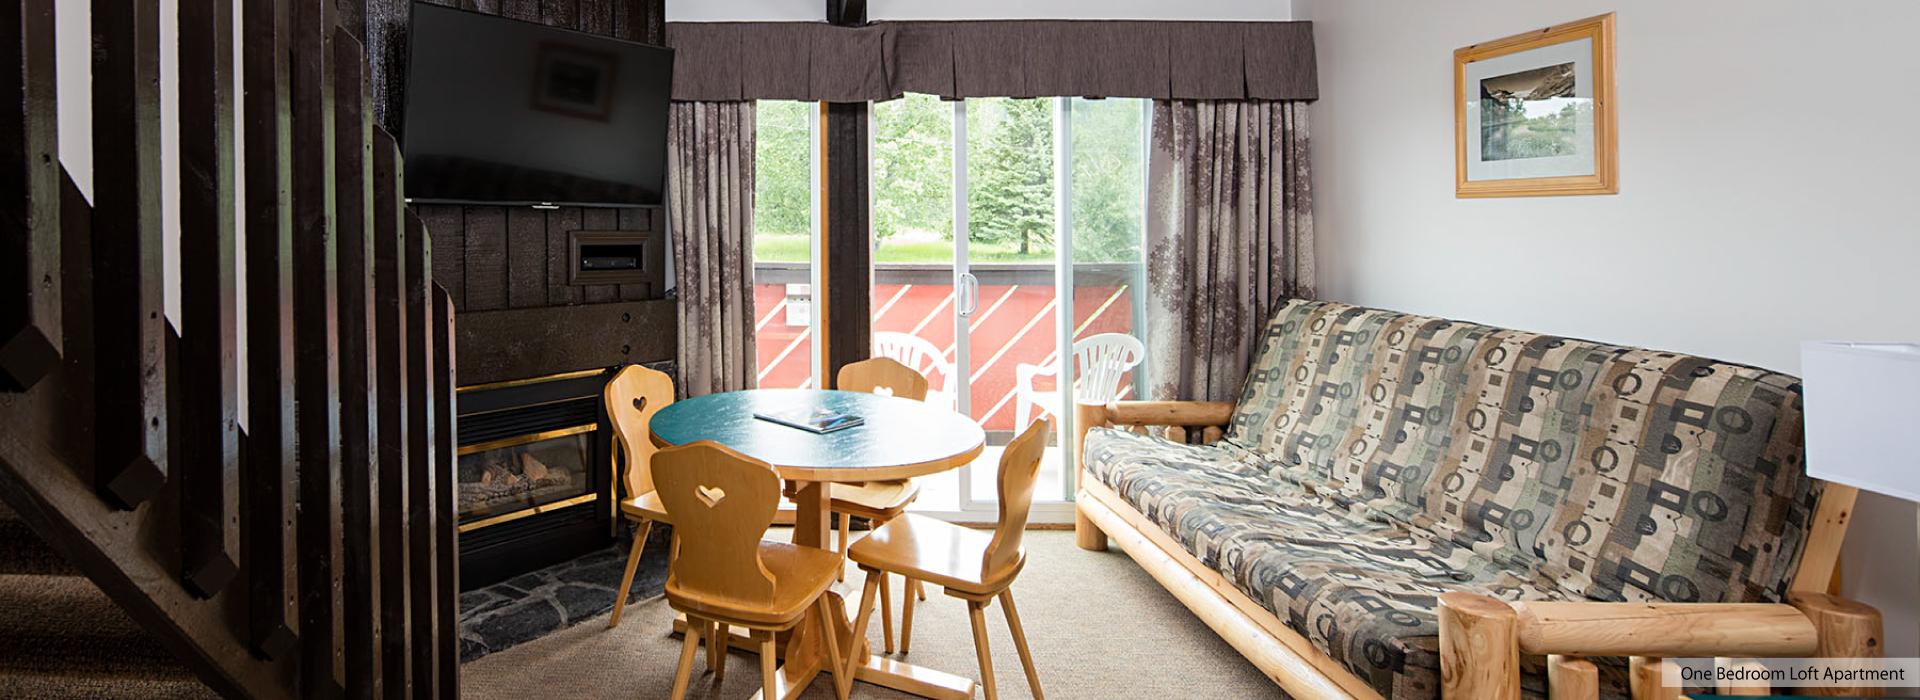 Bedroom Loft Apartment